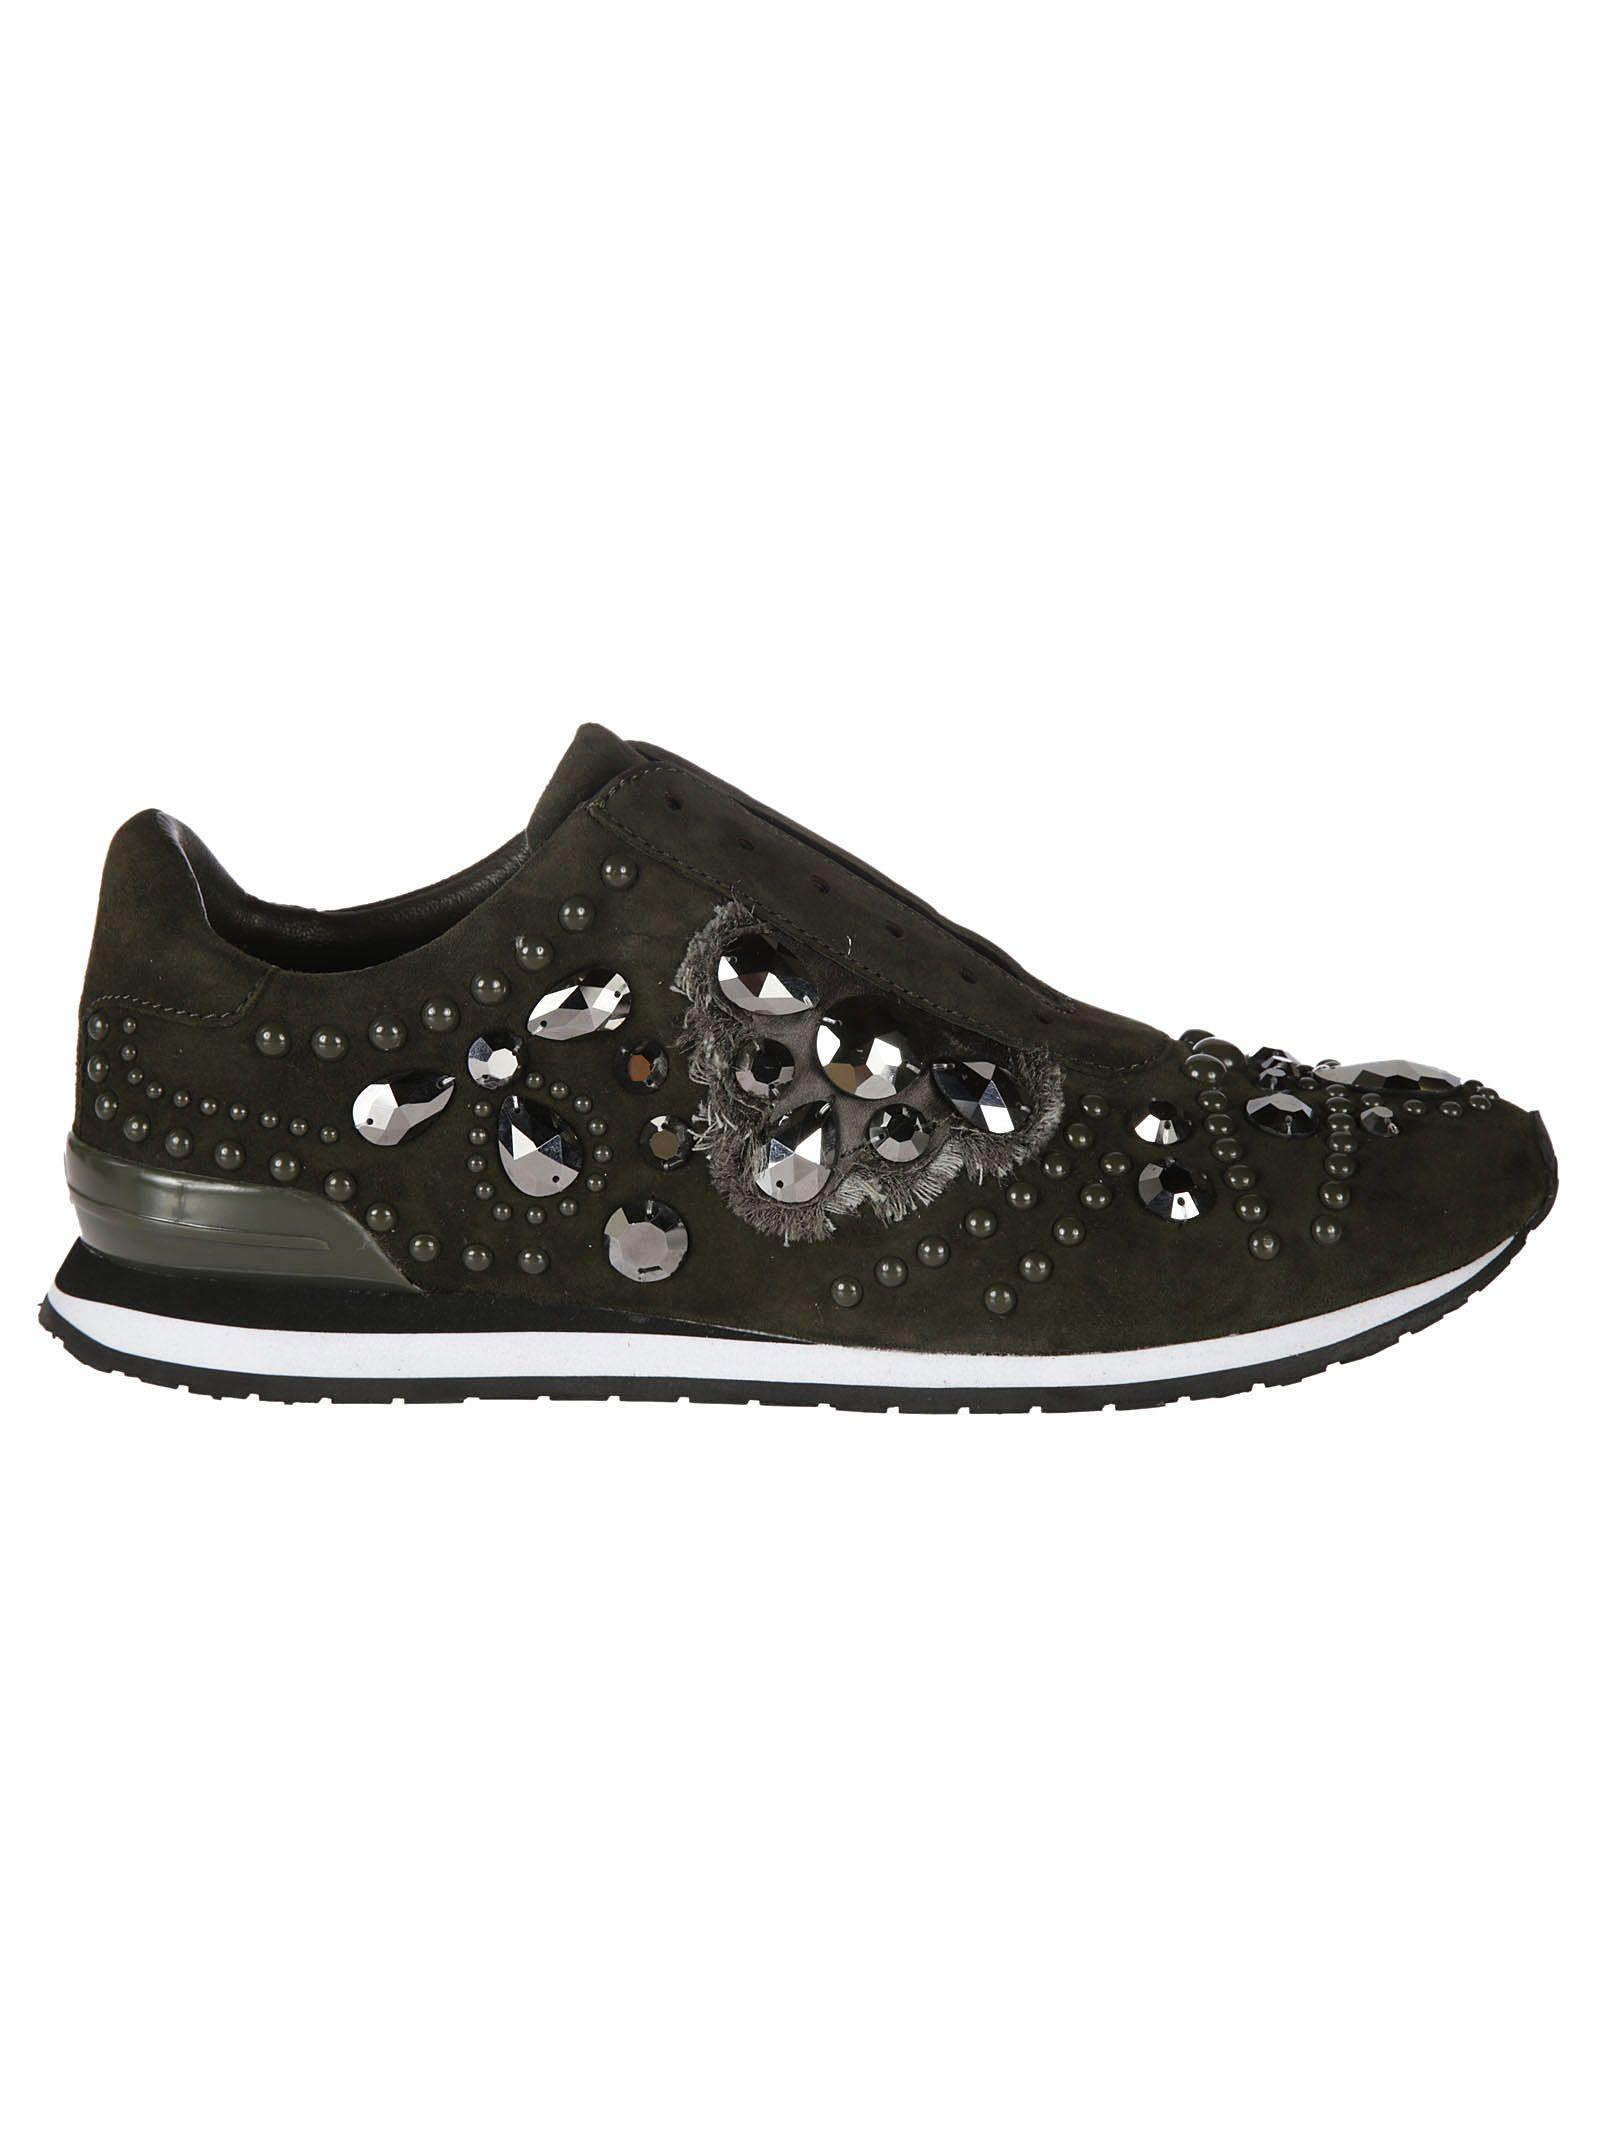 Tory Burch Scarlett Sneakers